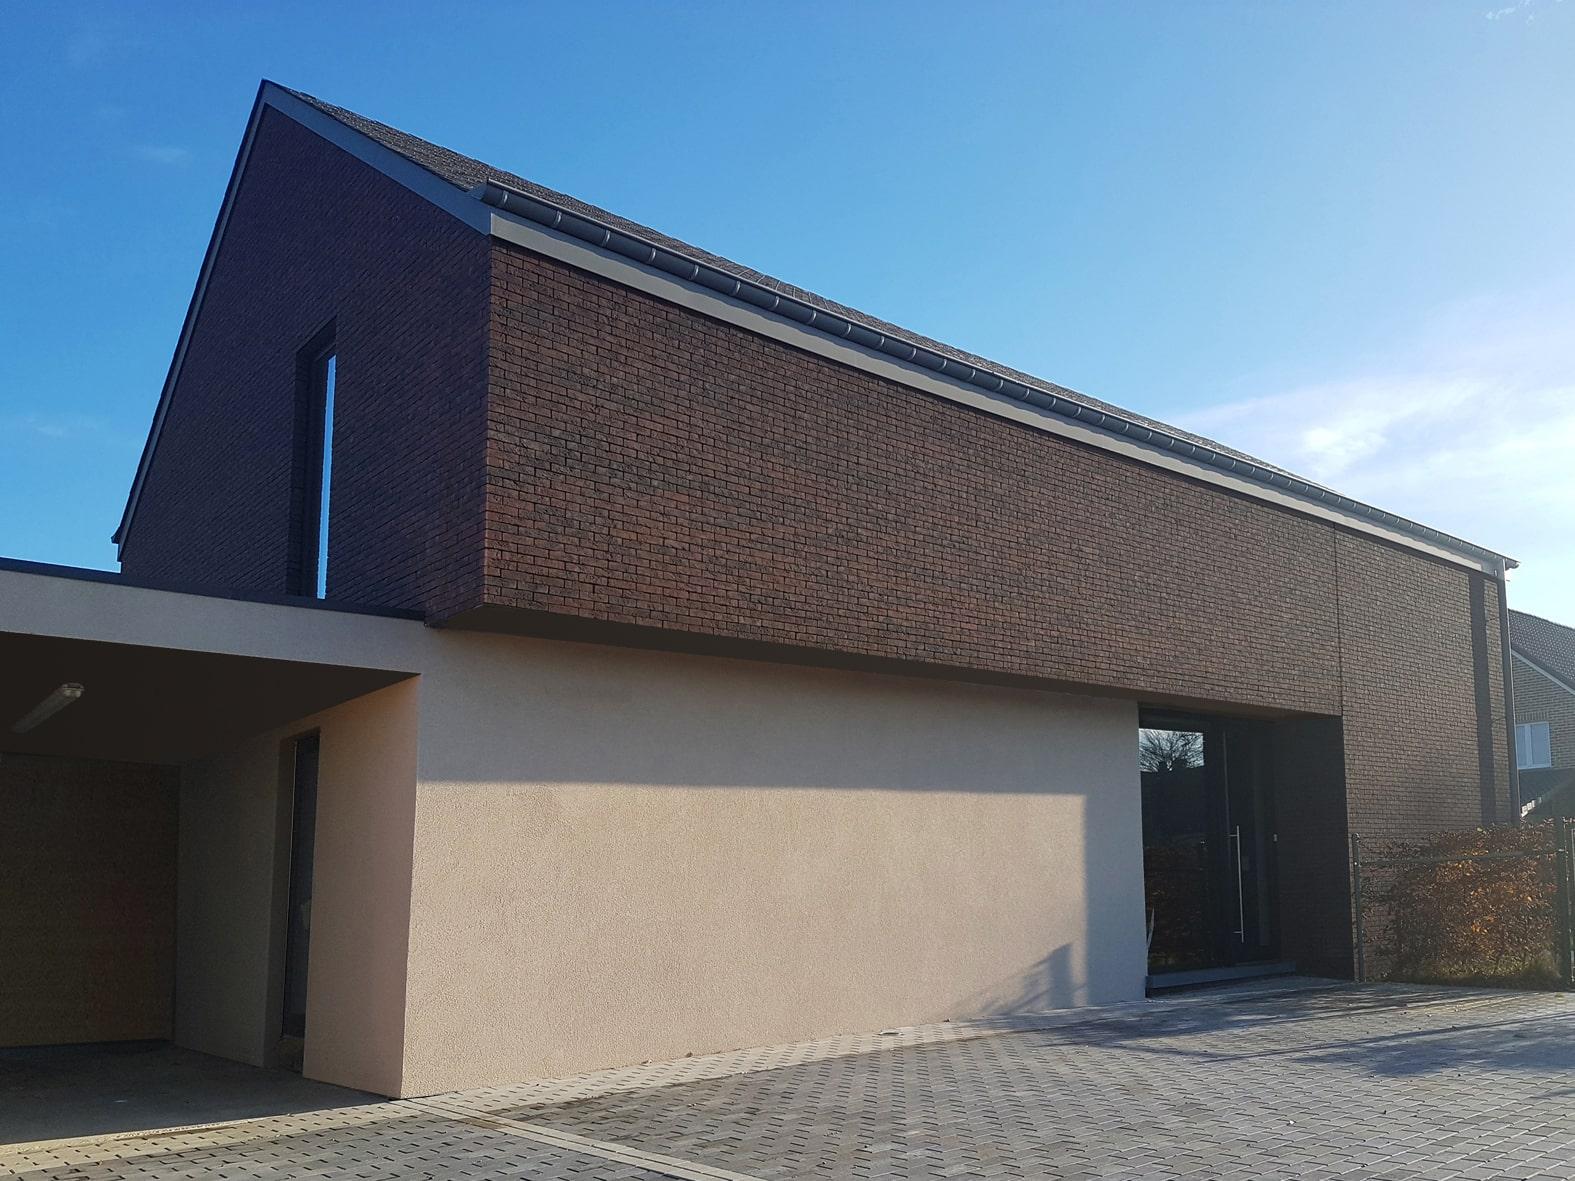 Maison HL, Werbomont